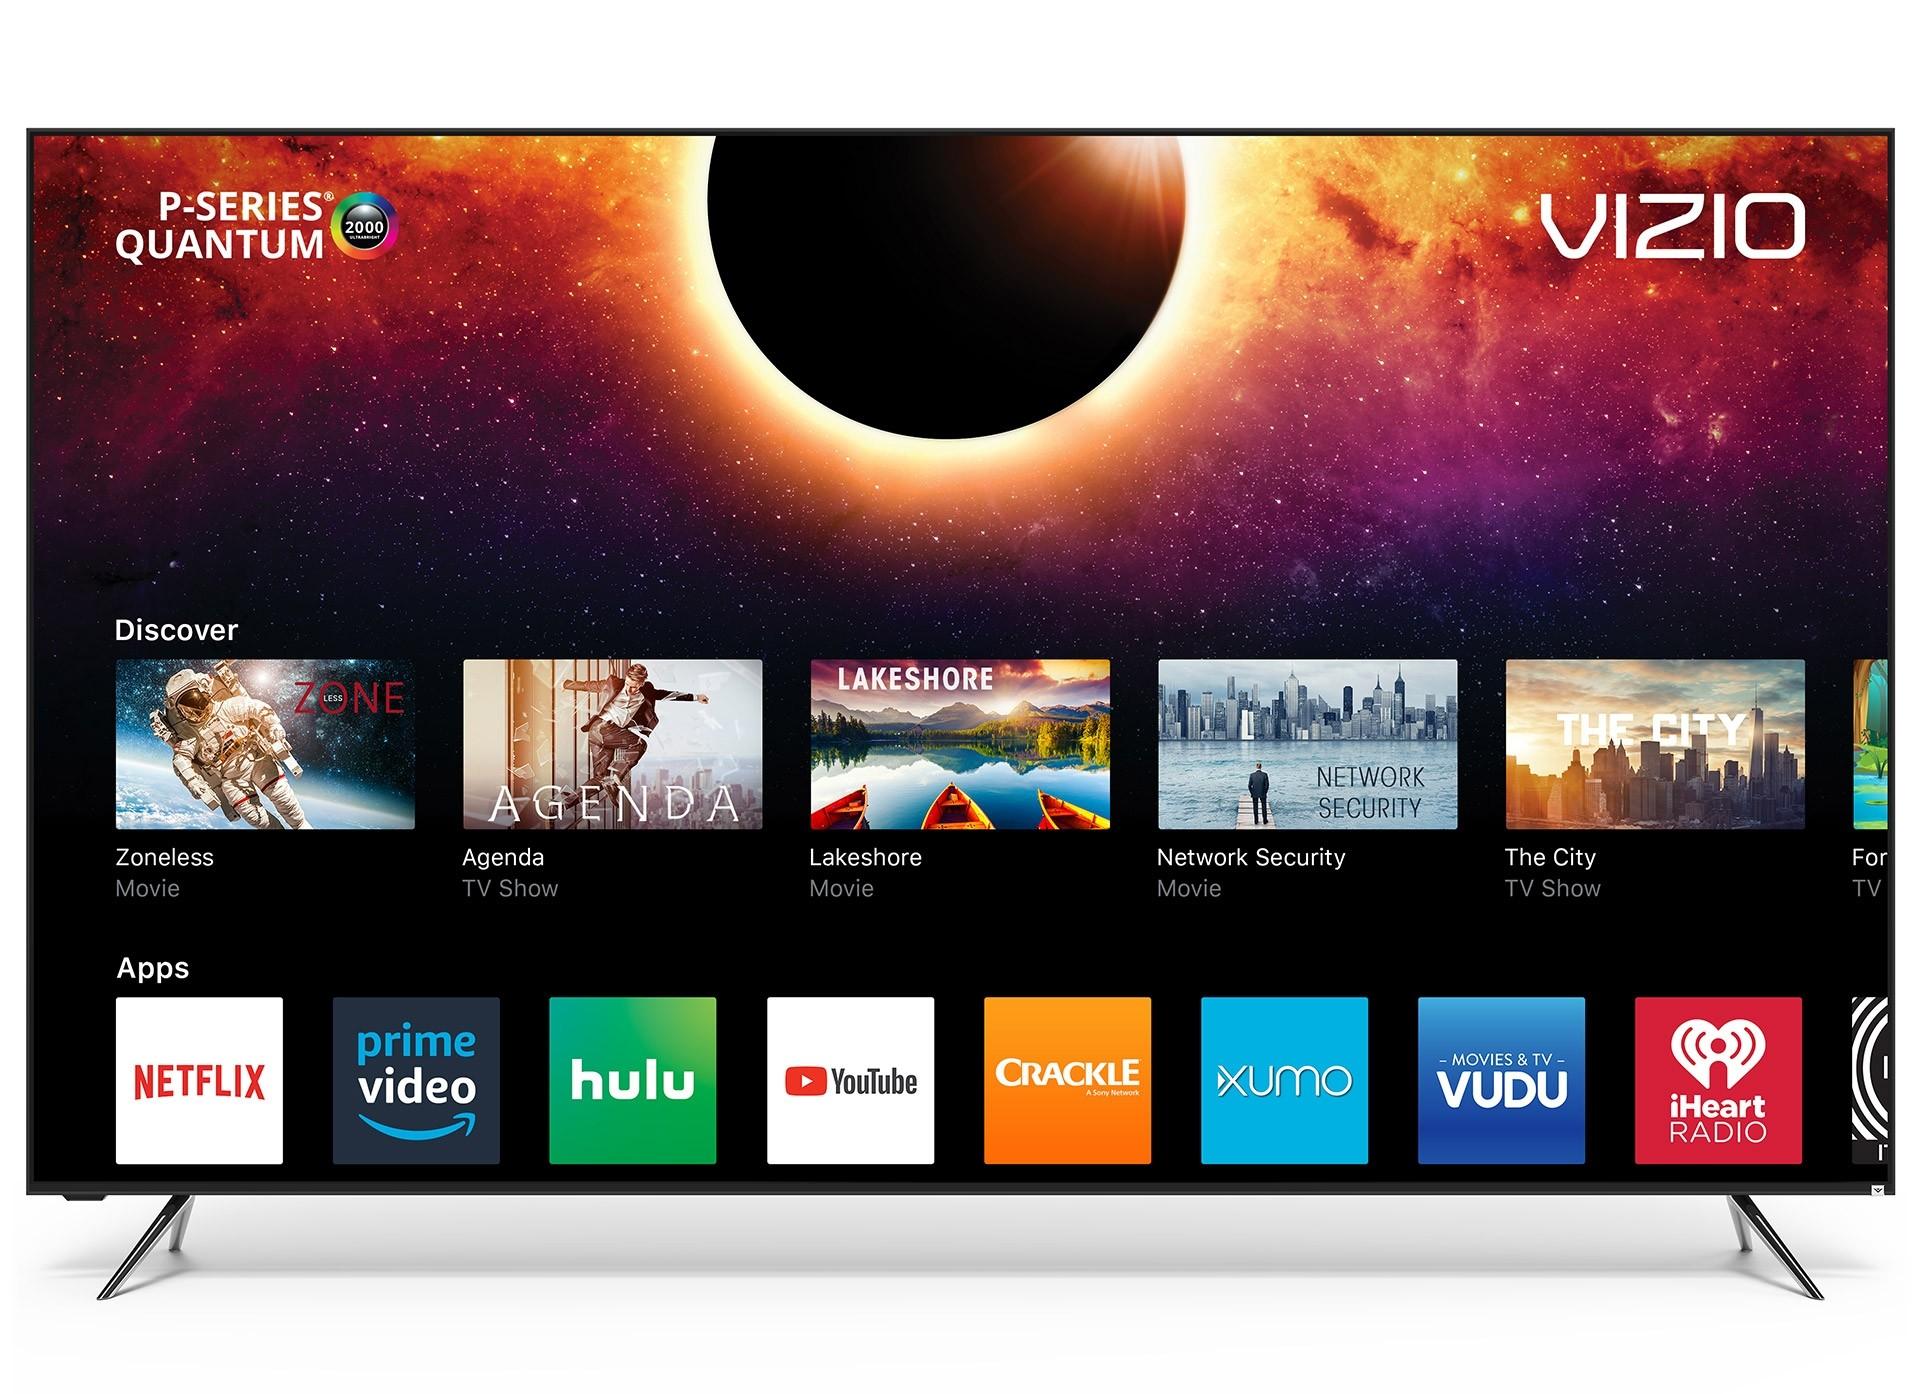 Vizio PQ65-F1 Quantum LED TV $749 + tax at Costco in-store YMMV